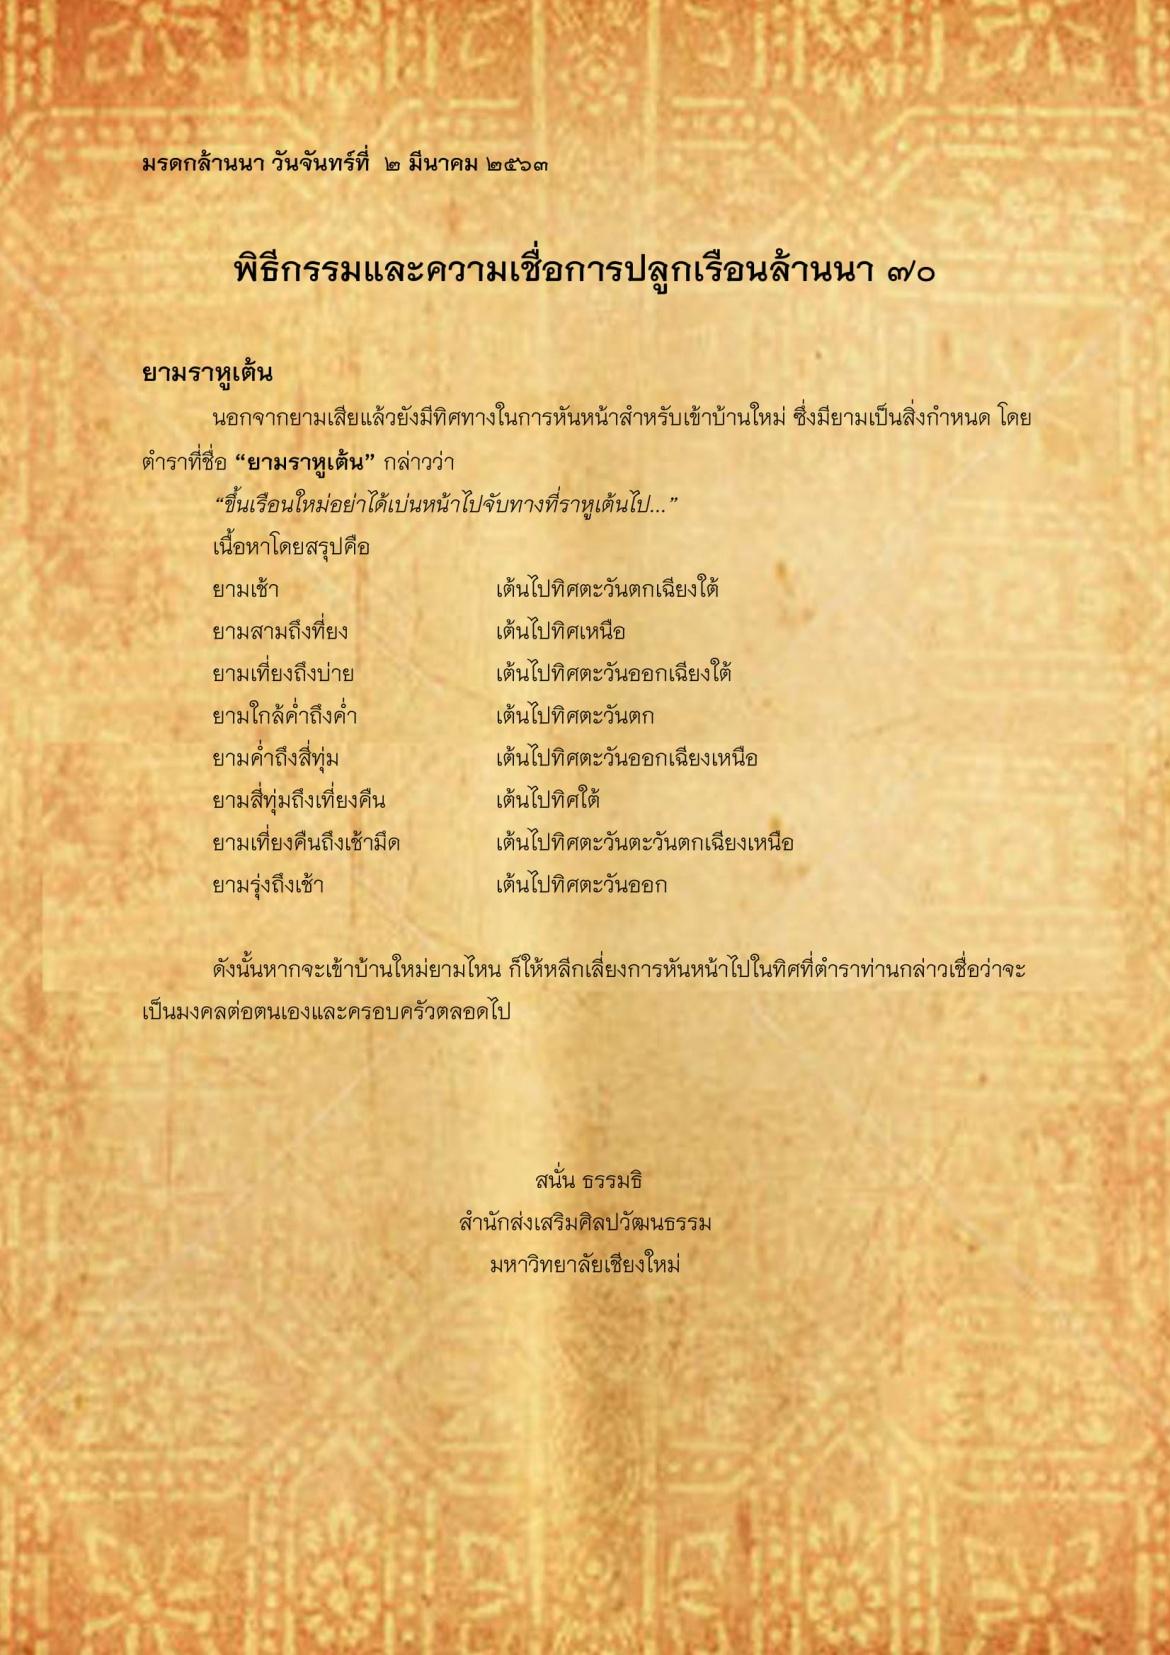 พิธีกรรมเเละความเชื่อการปลูกเรือนล้านนา(70) - 2 มีนาคม 2563